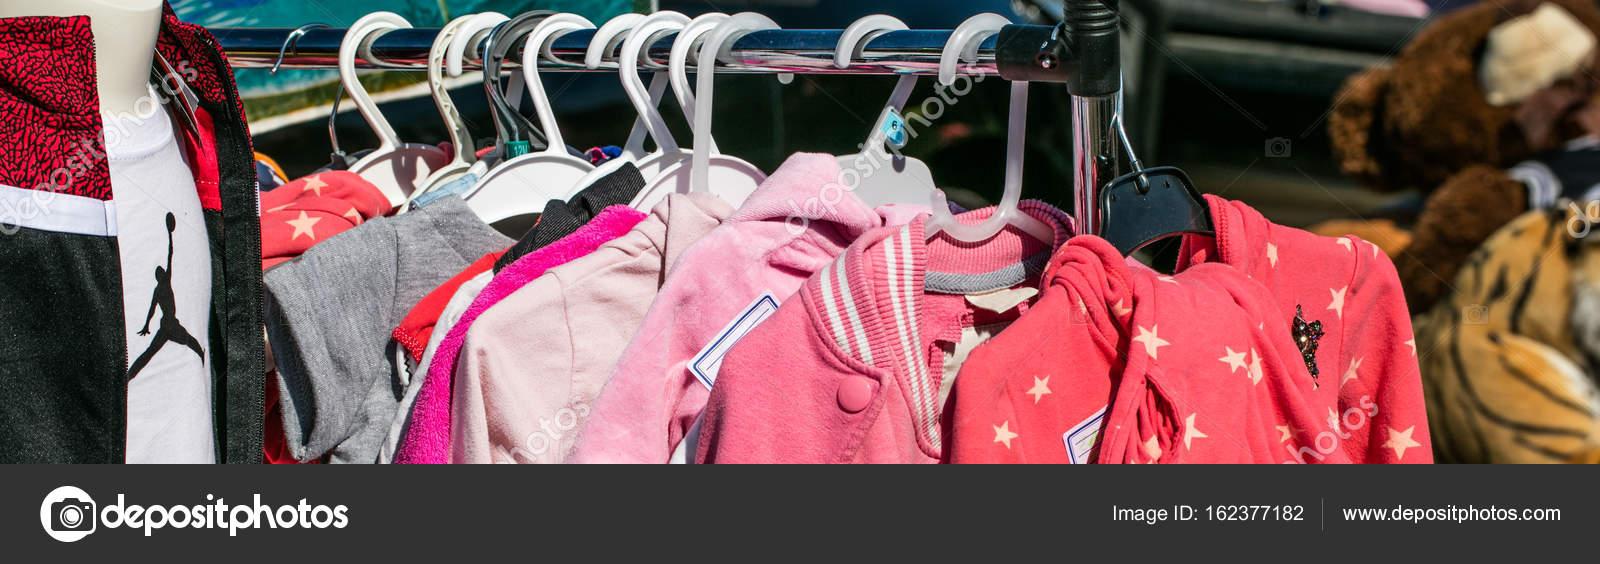 34f9db225 Ropa y niñas Chaquetas de niño segunda mano rosa para donar — Fotos de Stock